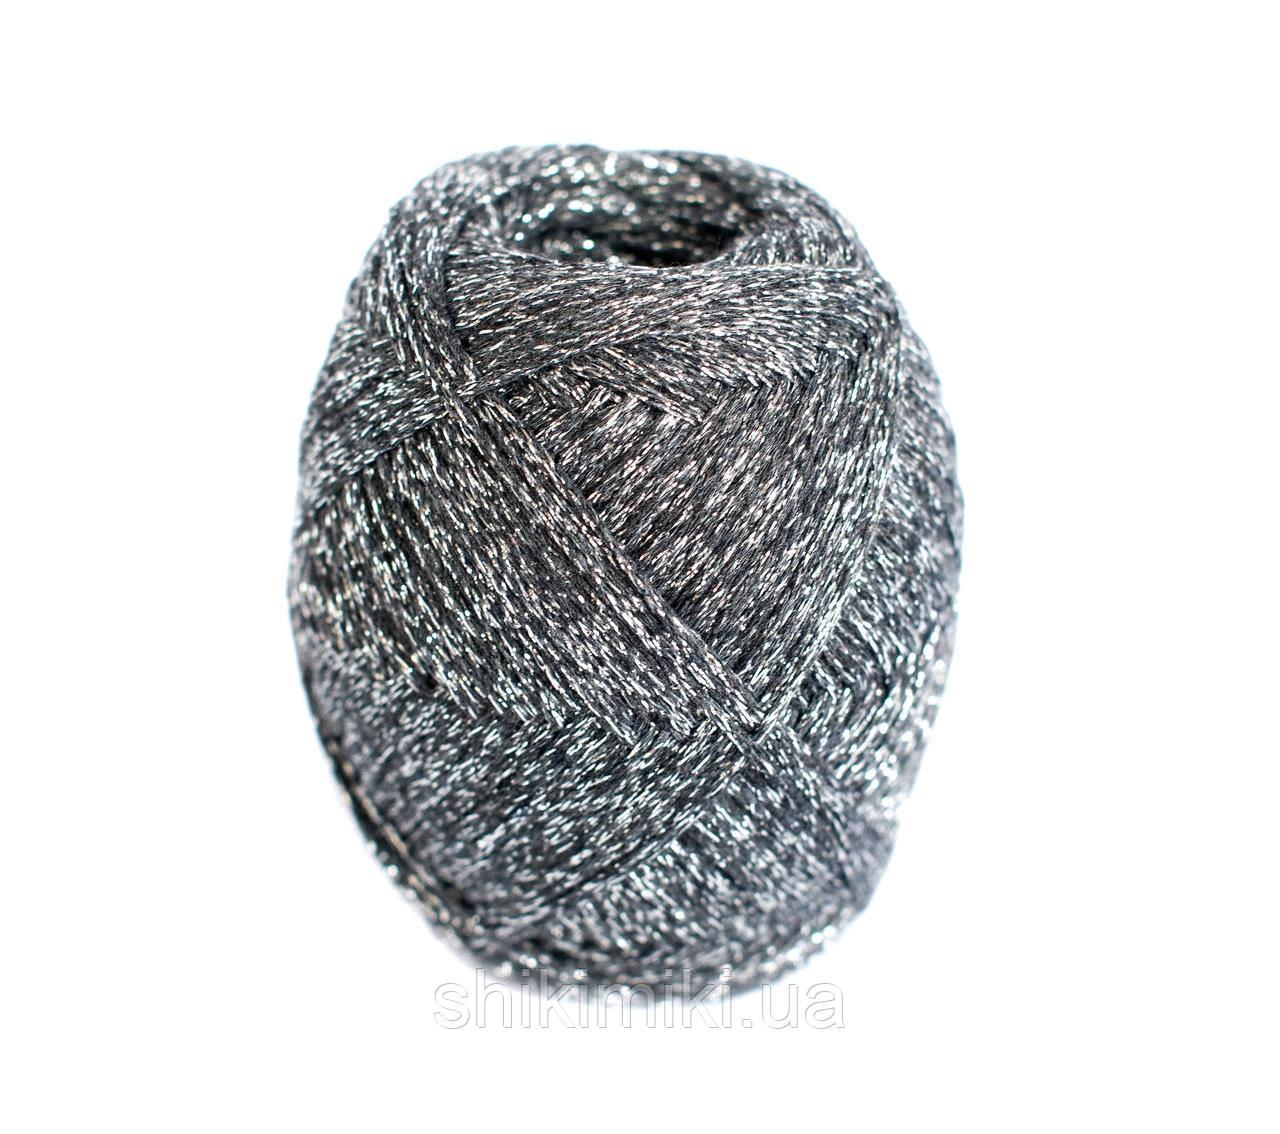 Трикотажный шнур с люрексом Knit & Shine, цвет Графит